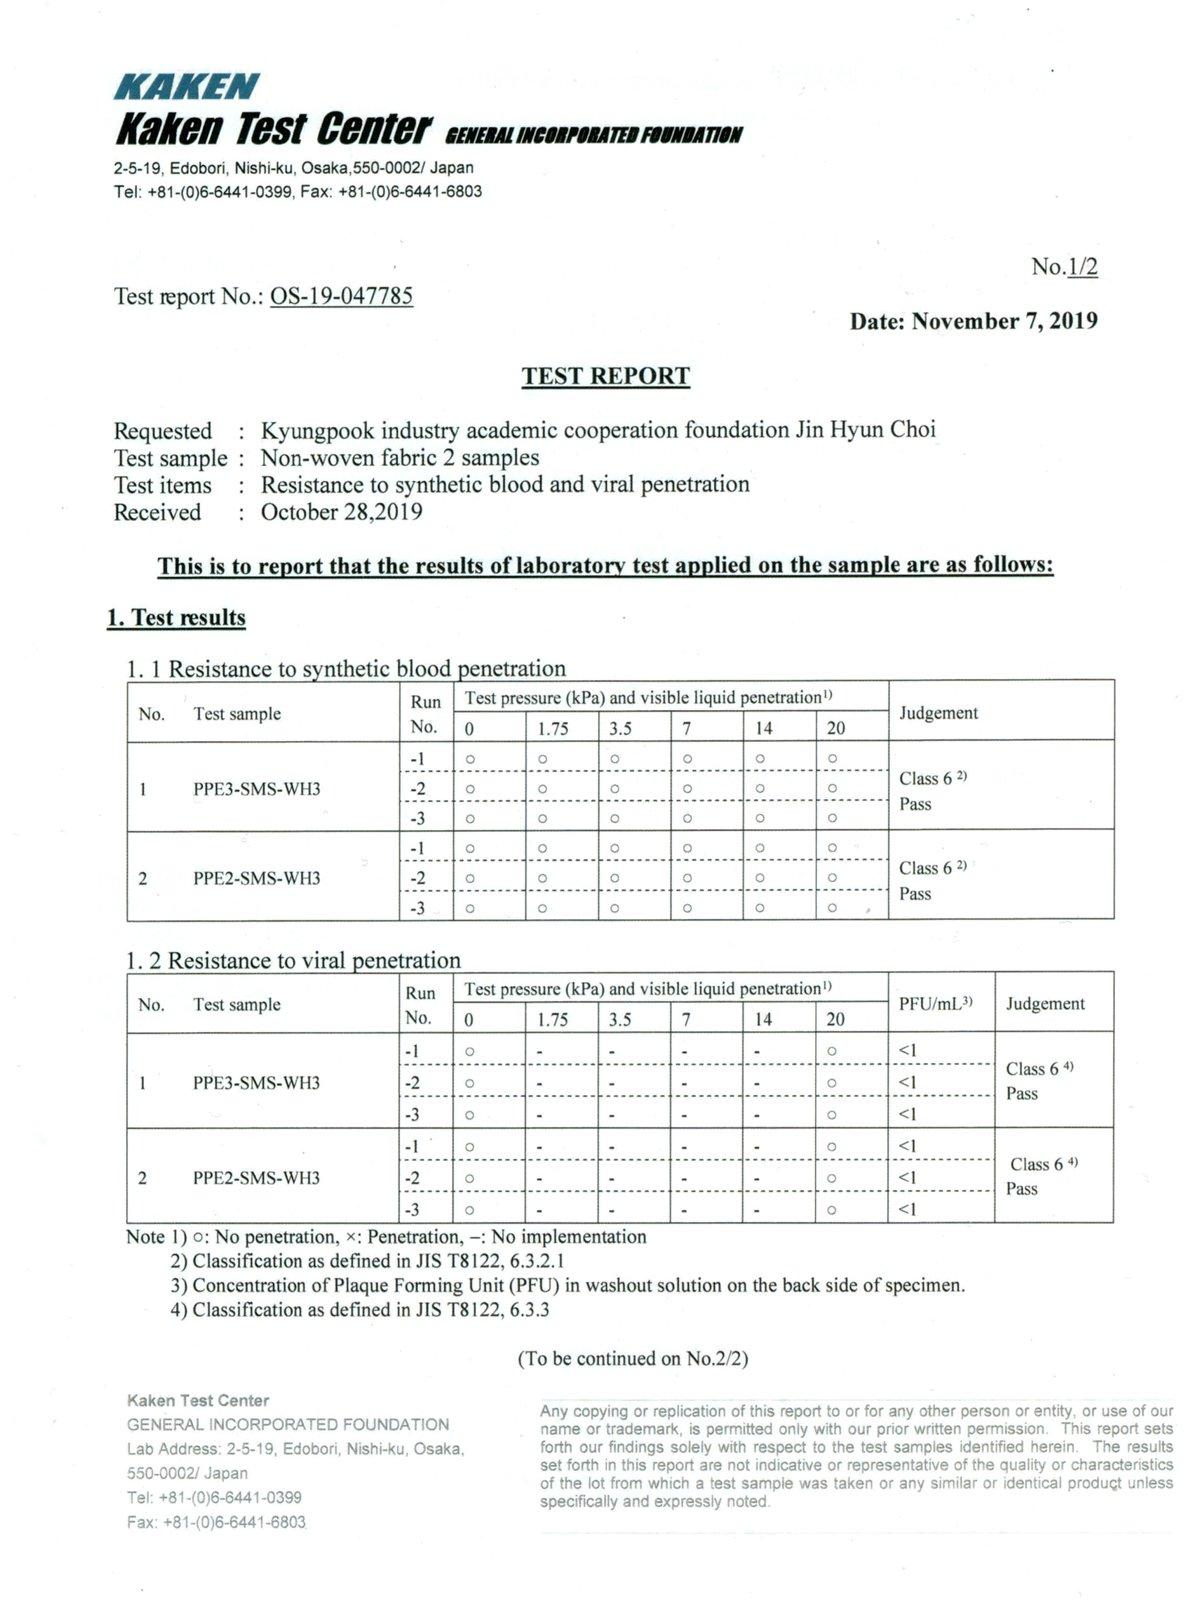 防護服 最高レベル ウイルスバリア性能クラス6・血液バリア性能クラス6 カケンテスト証明 JIS規格・ISO・EN 国際基準合格品 韓国製【画像6】